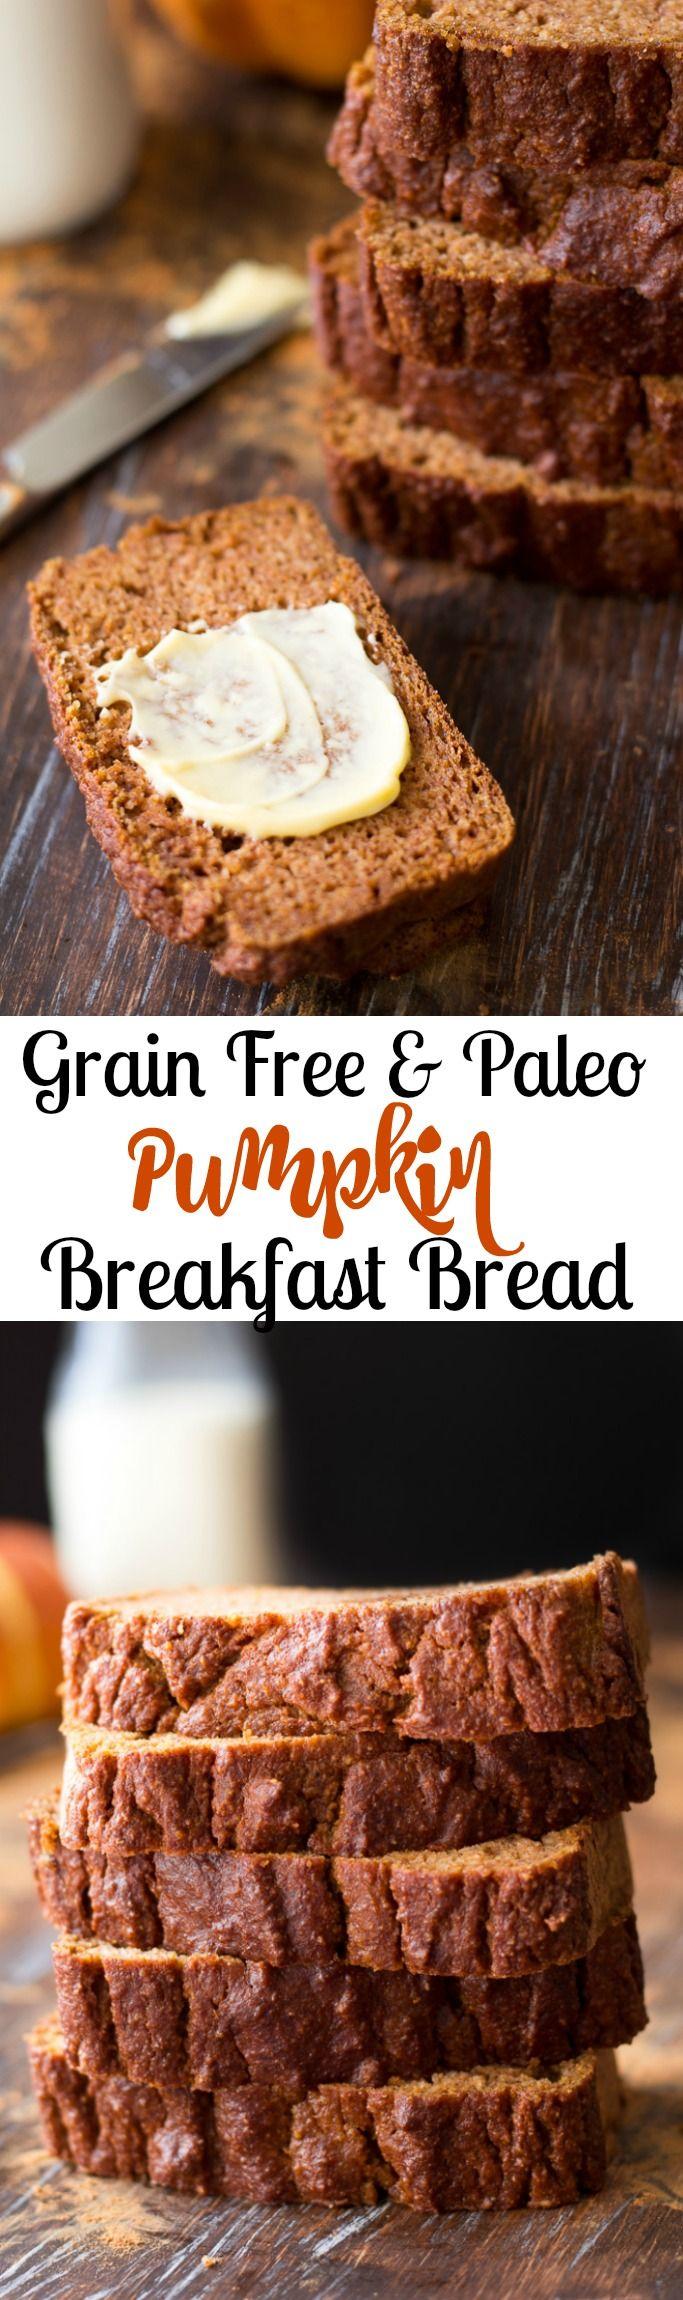 simple grain free and paleo pumpkin bread great for breakfast! Gluten free…